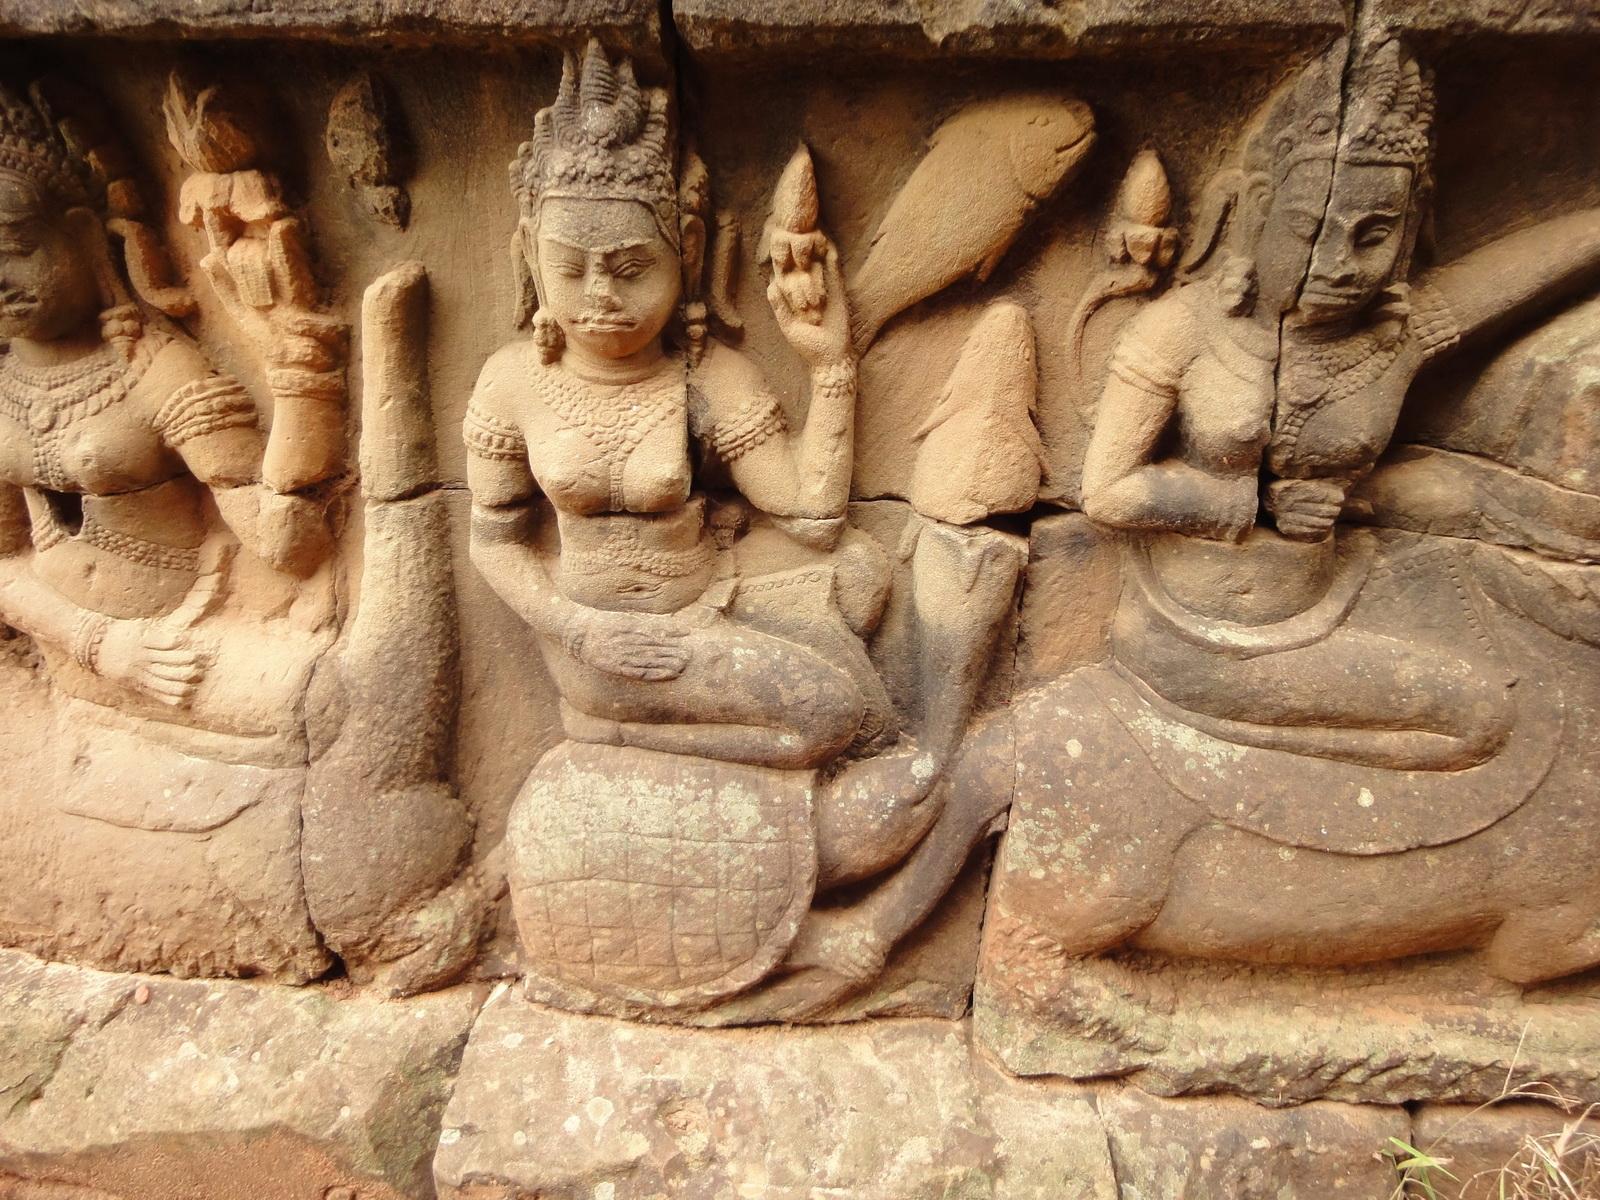 Leper King Terrace hidden wall underworld Nagas and deities 010